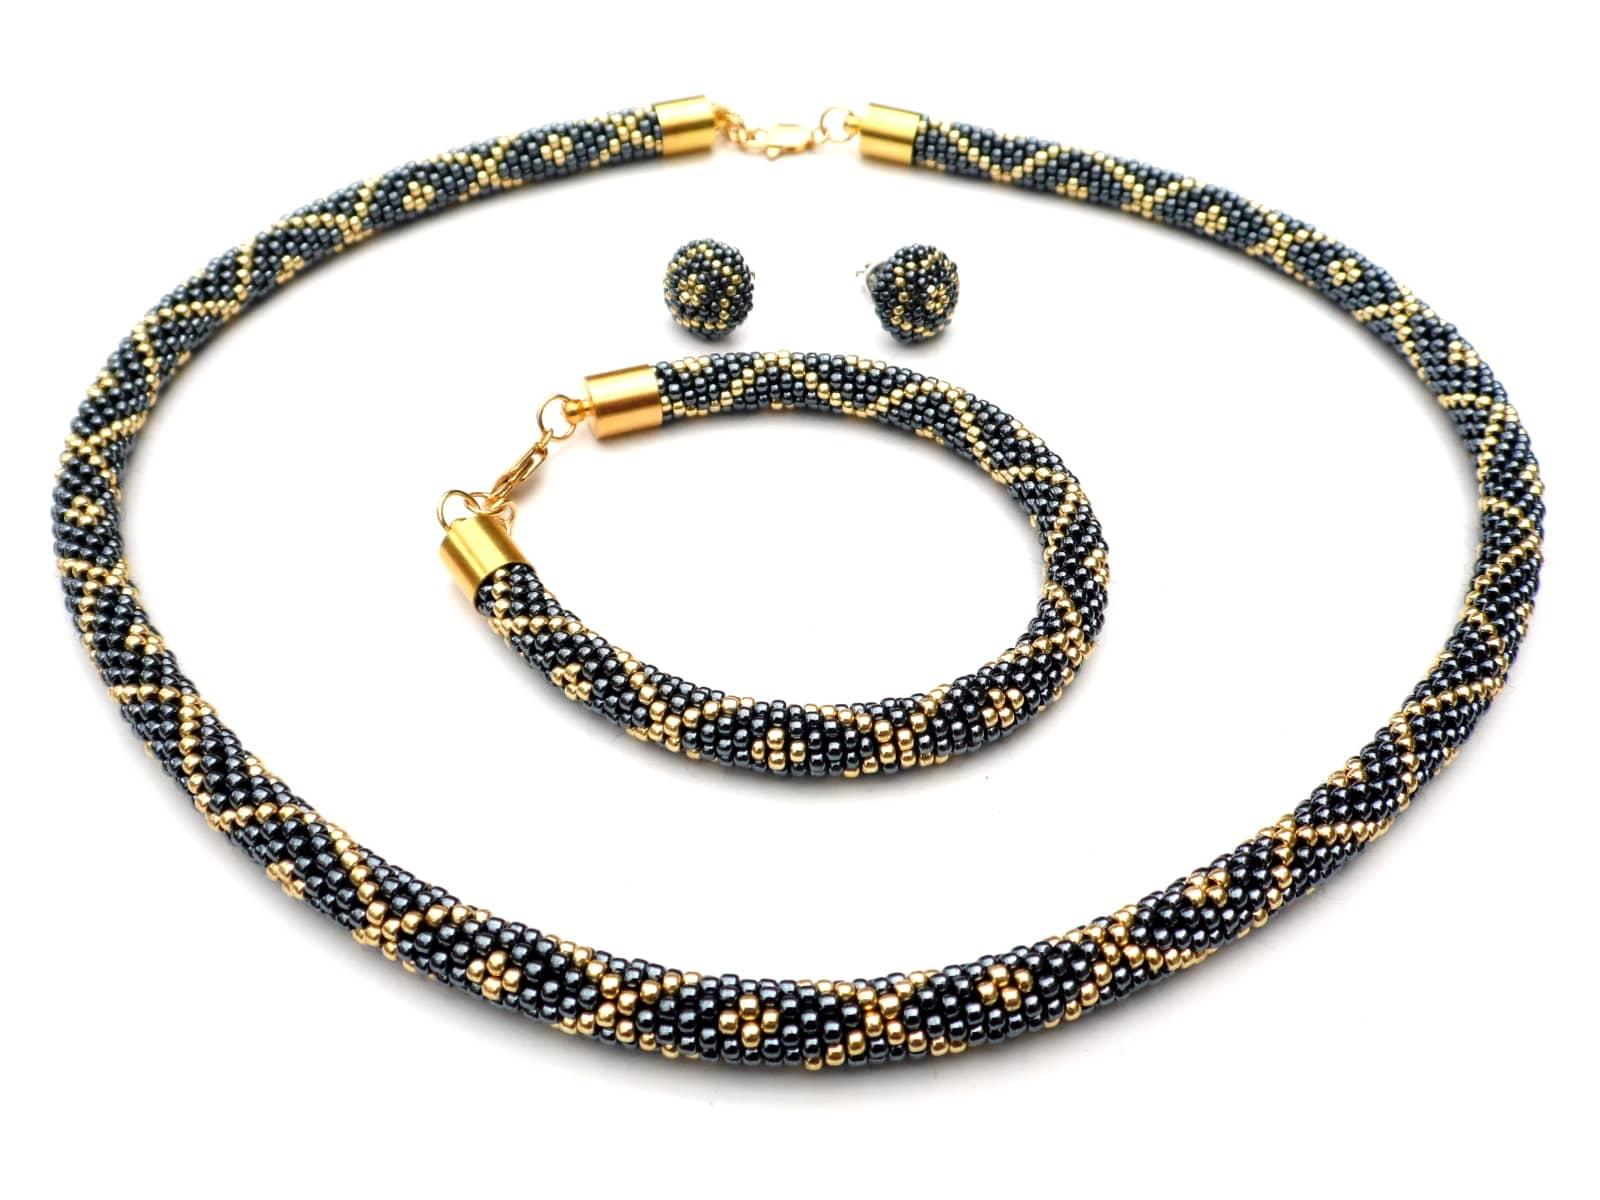 Komplet koralikowy złoto-hematytowy wykonany techniką bead crochet